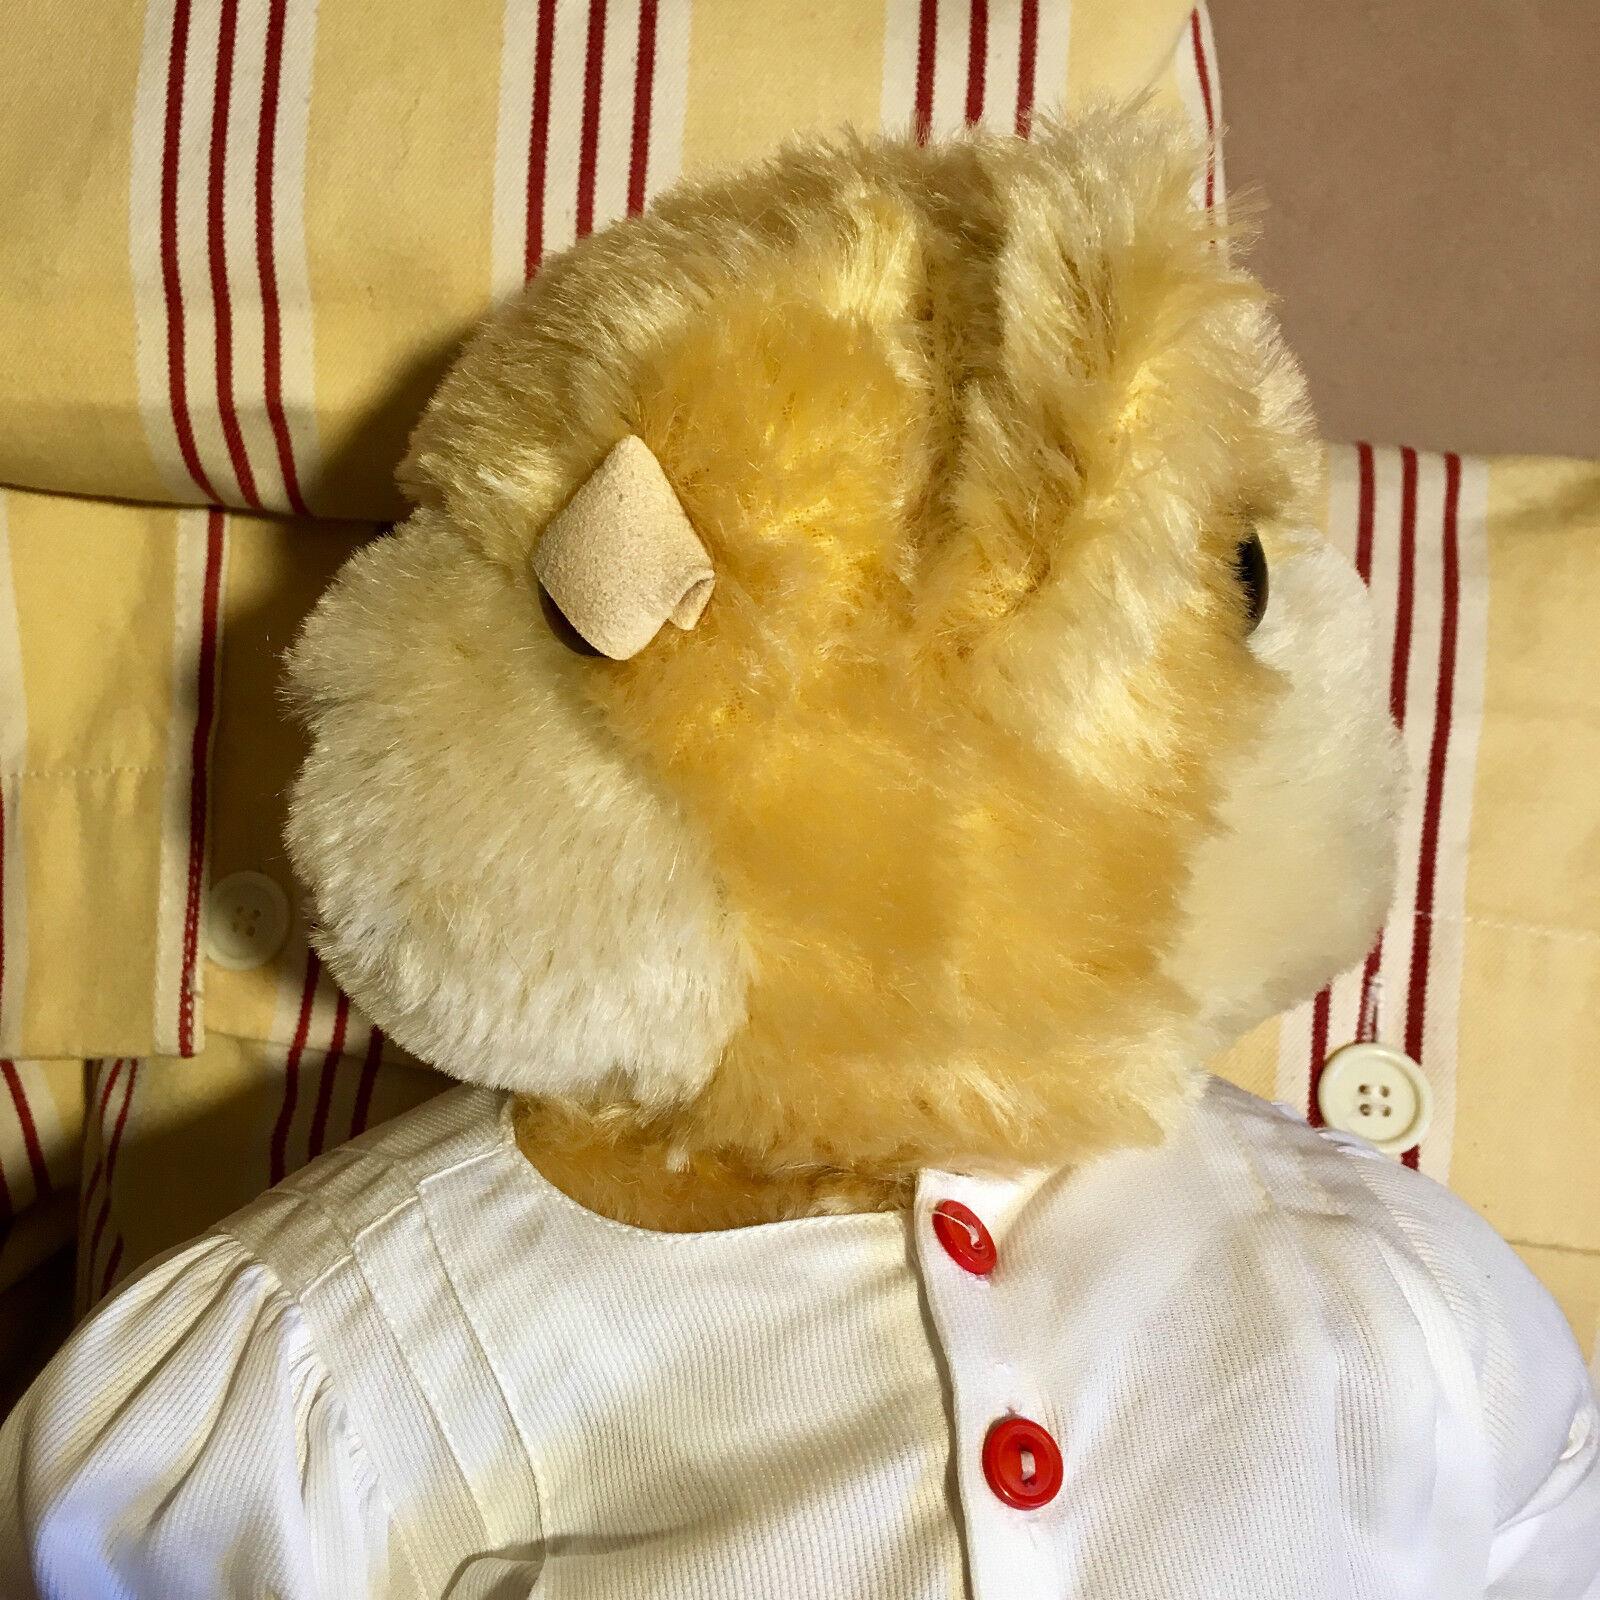 SIGIKID Gute-Nacht-Bär mit Tag- und Nachtgesicht Auflage / limit. Auflage Nachtgesicht 3000 Bären 45905a